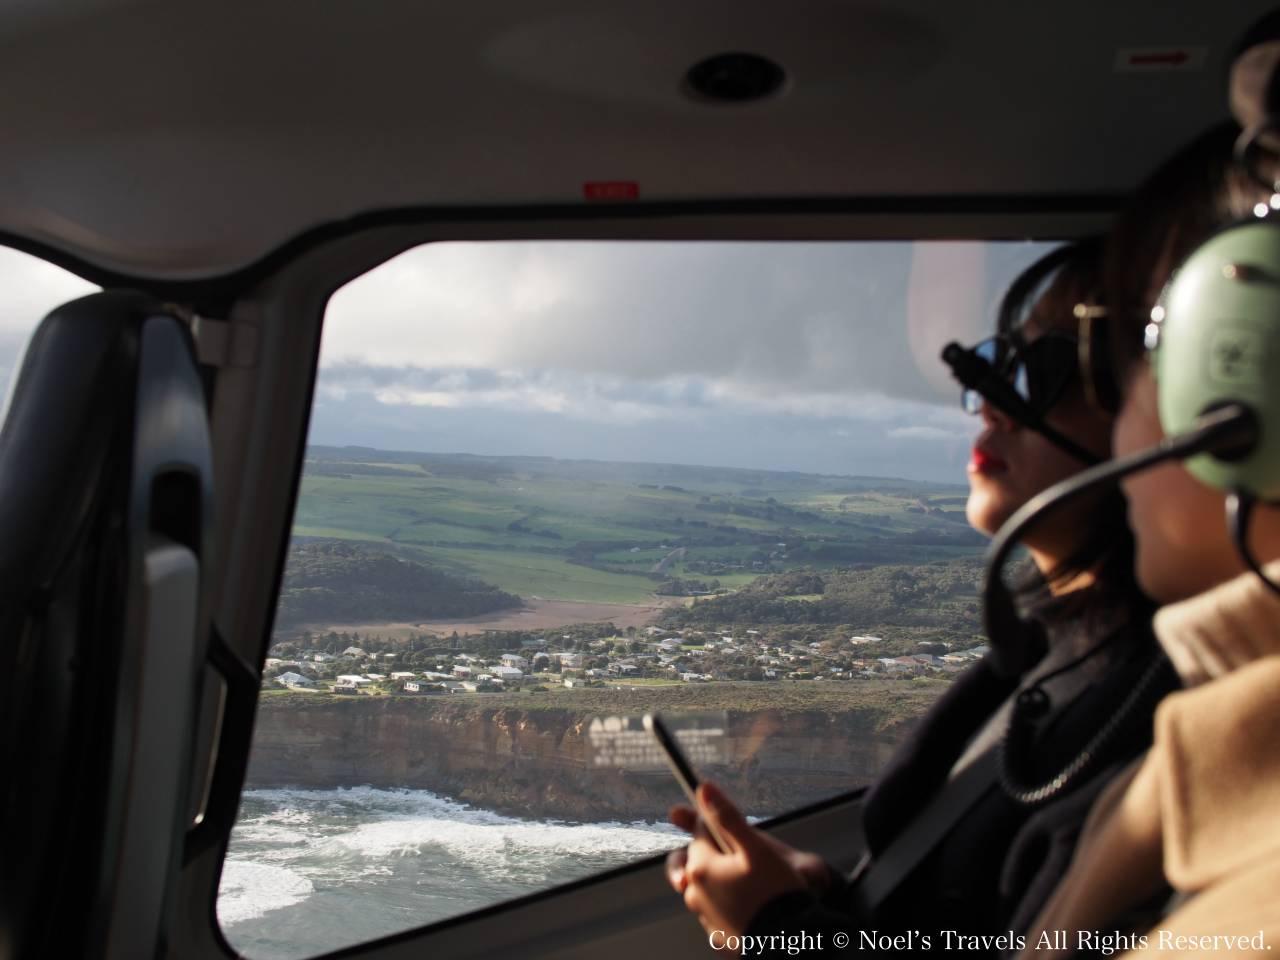 ヘリコプターから見たグレートオーシャンロード